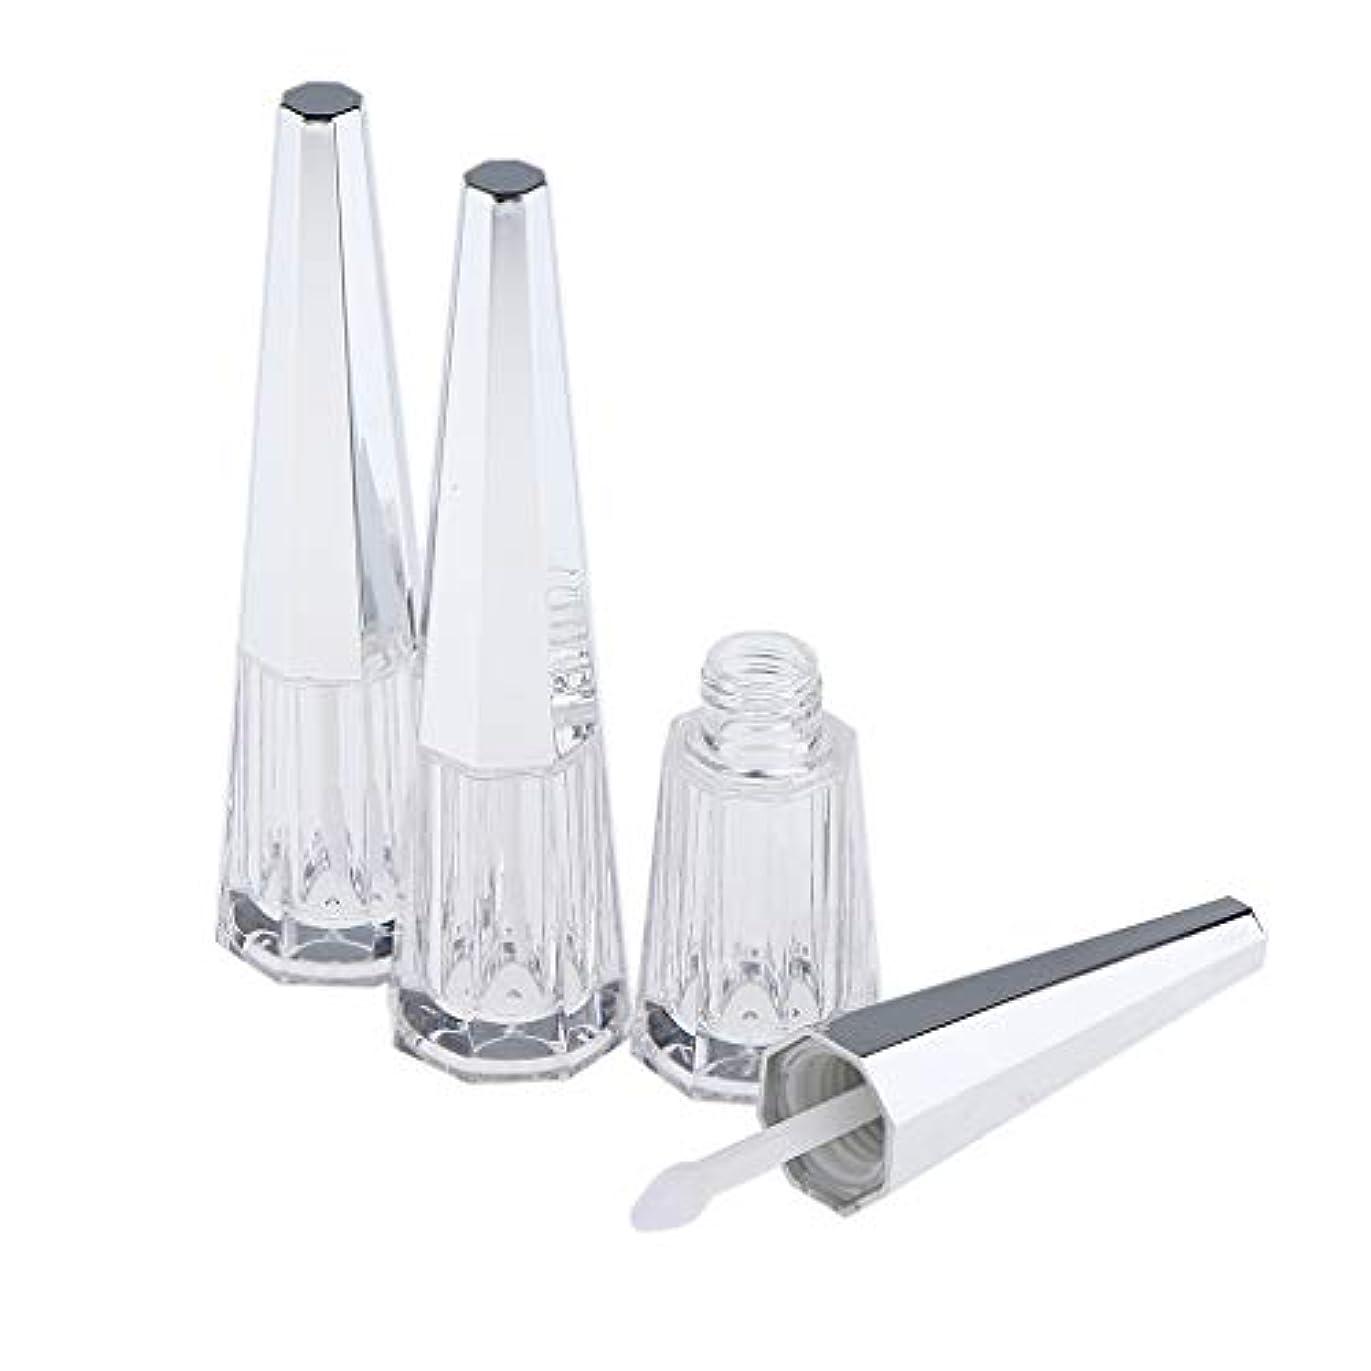 独立した草それ3本 リップグロスボトル 手作り コスメ ボトル 詰替え容器